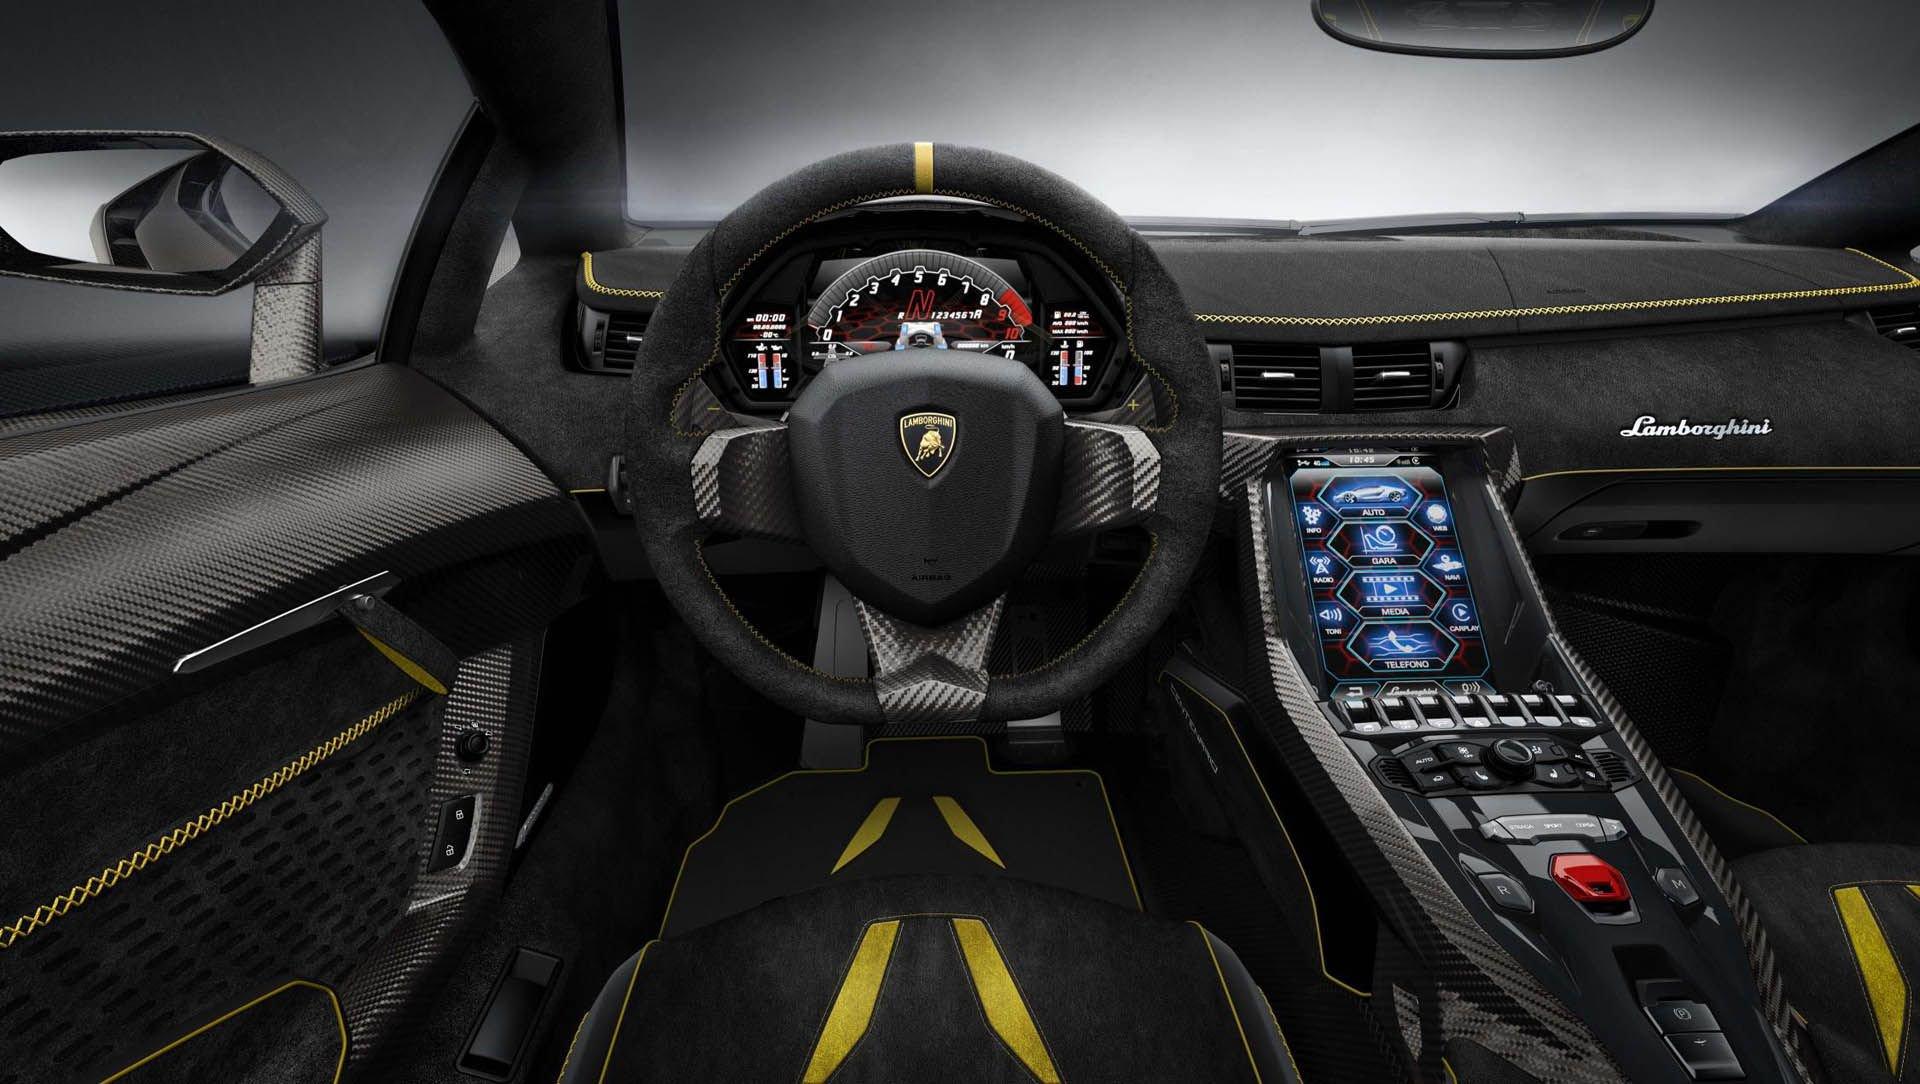 Lamborghini_Centenario_Interior.jpg